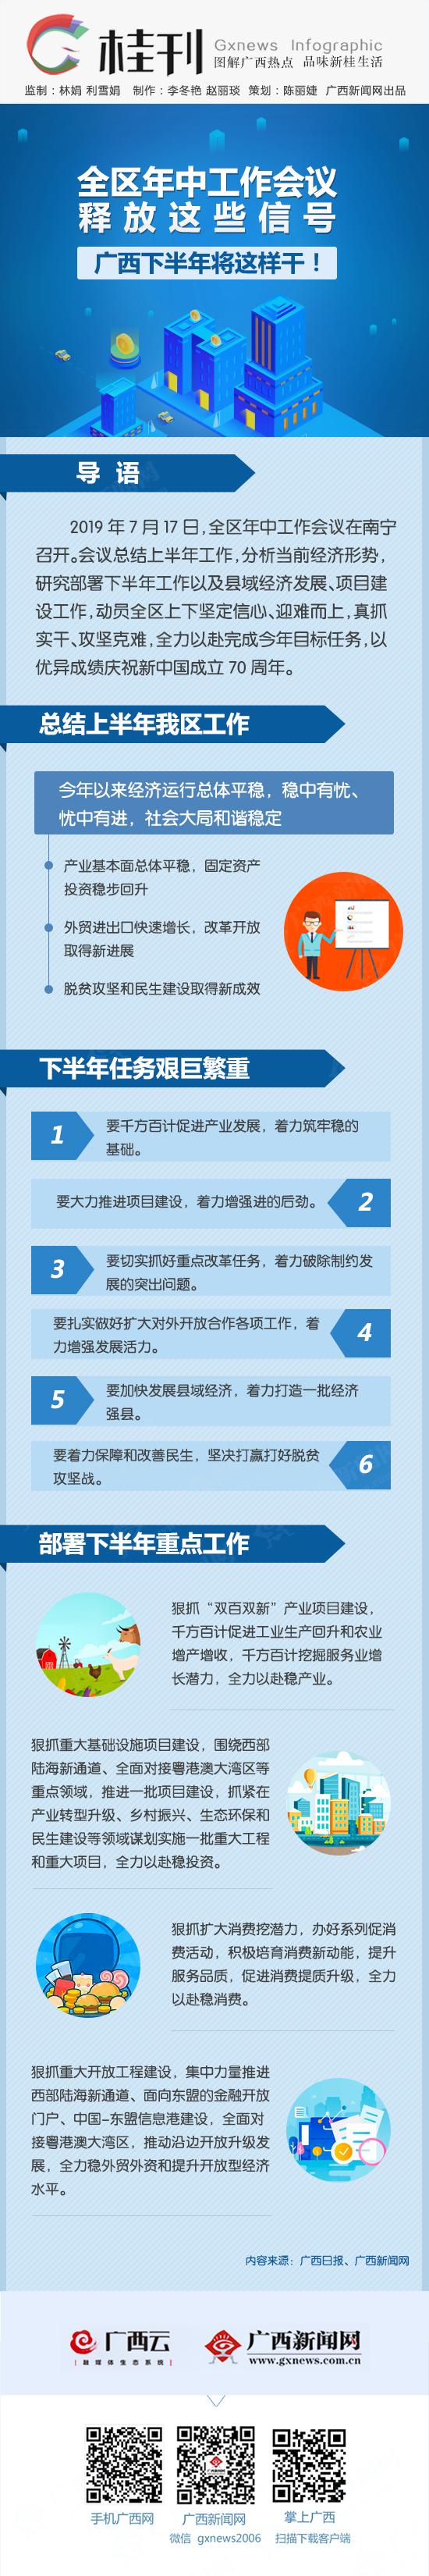 桂刊丨全区年中工作会议释放这些信号 广西下半年将这样干!